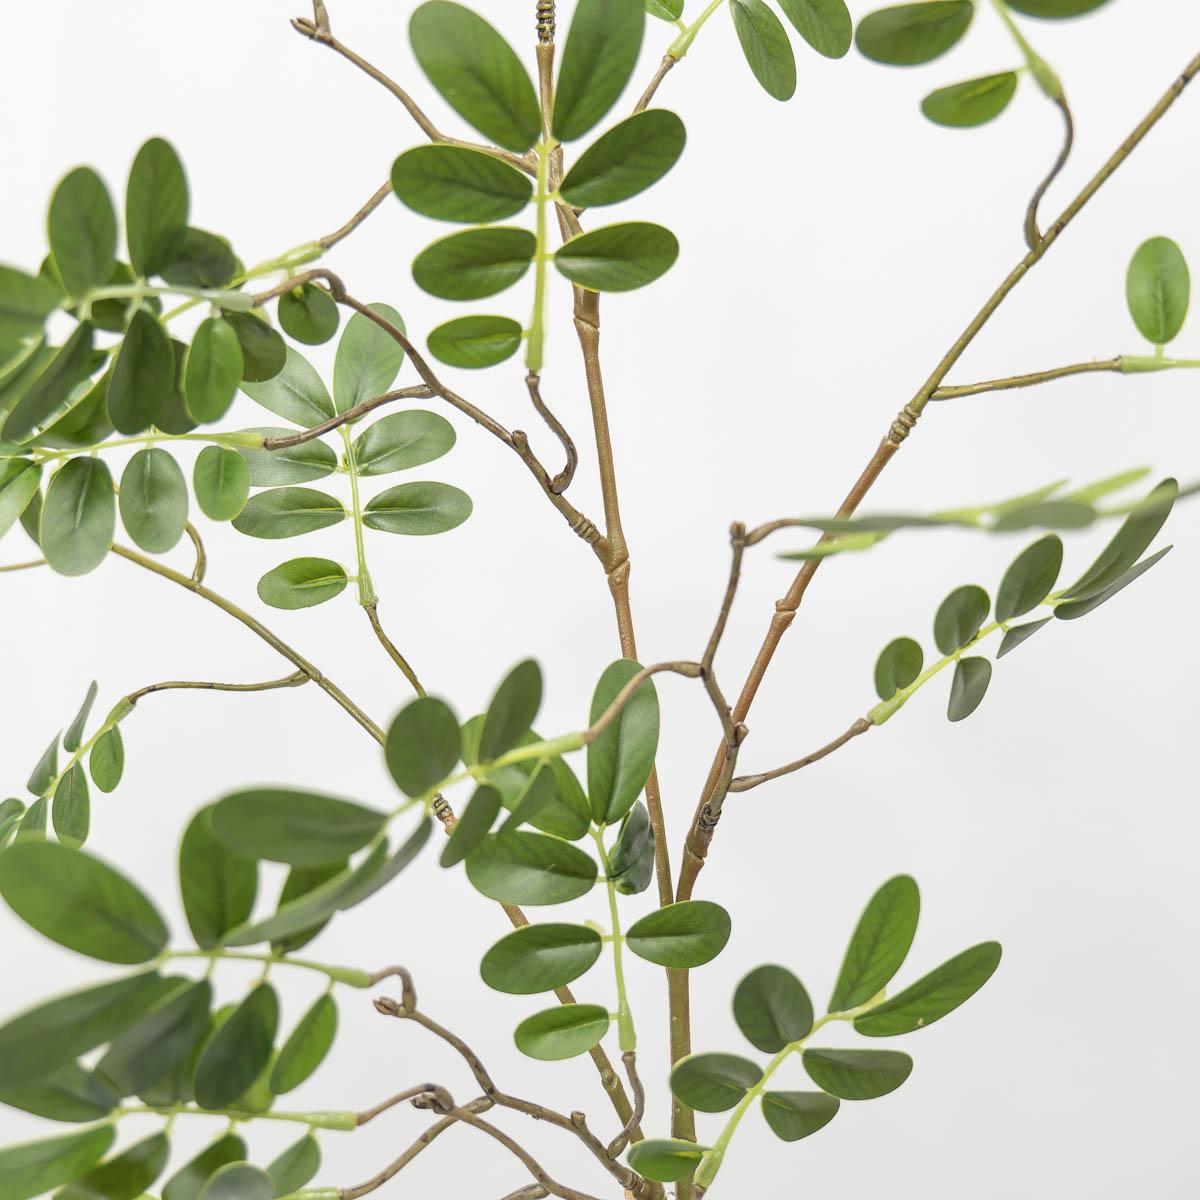 실크플라워 아카시아조화 잎사귀 나무가지 95cm 디테일